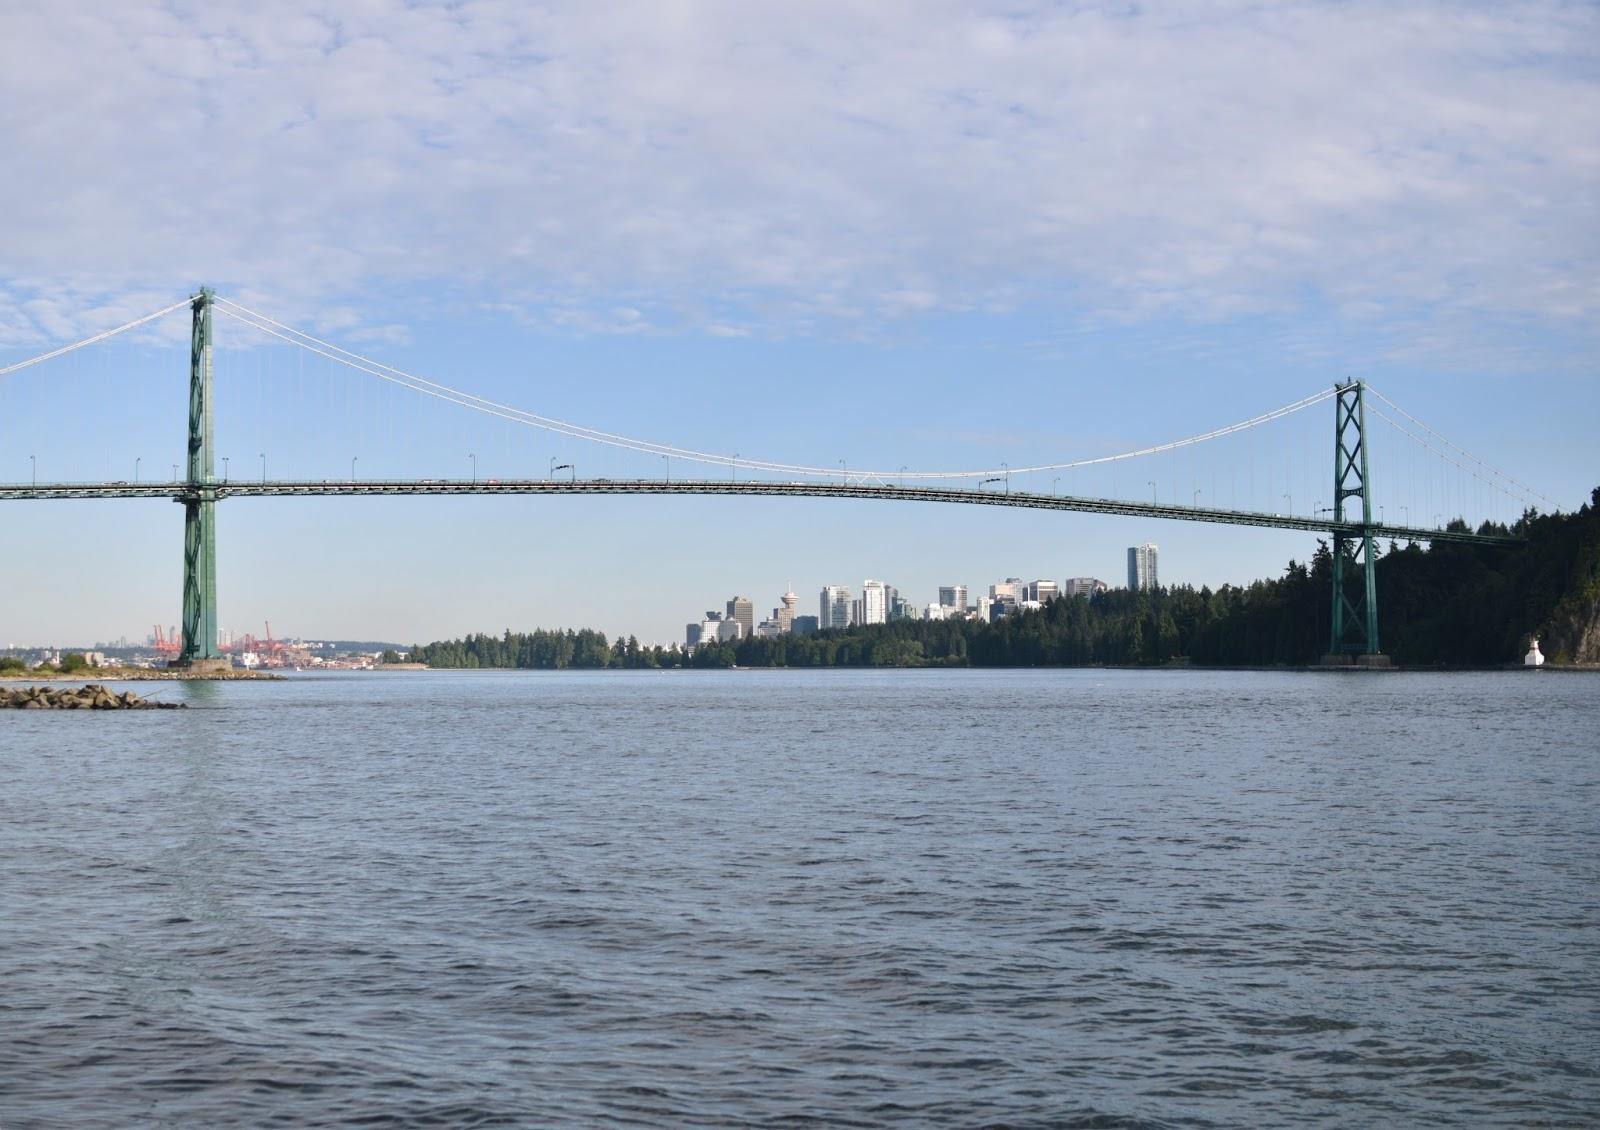 Lions Gate Bridge, Vancouver, British Columbia, Canada